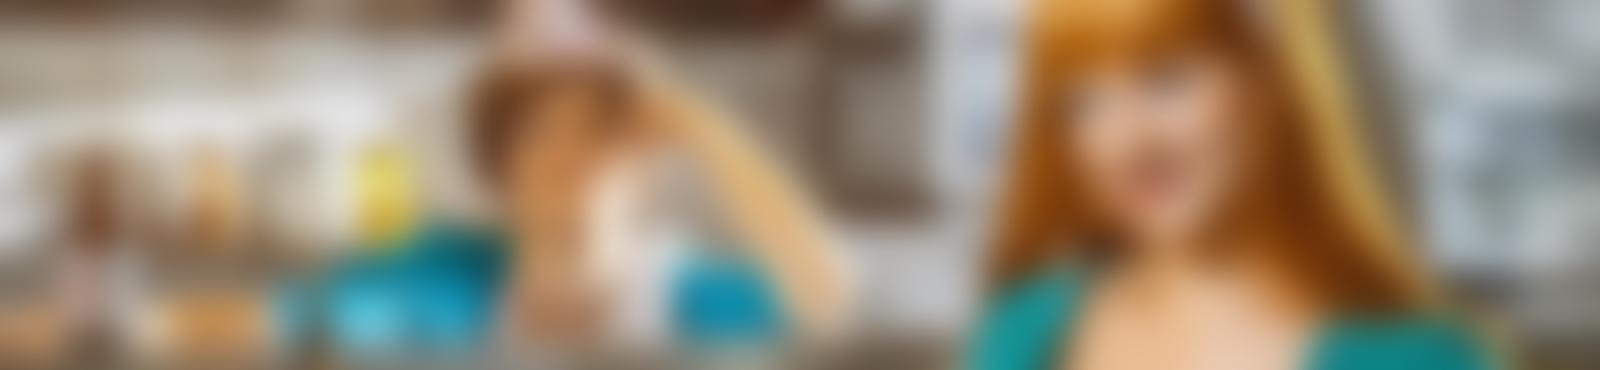 Blurred 3718f2e5 594c 48db 8dce 6fc2a4d87aa6